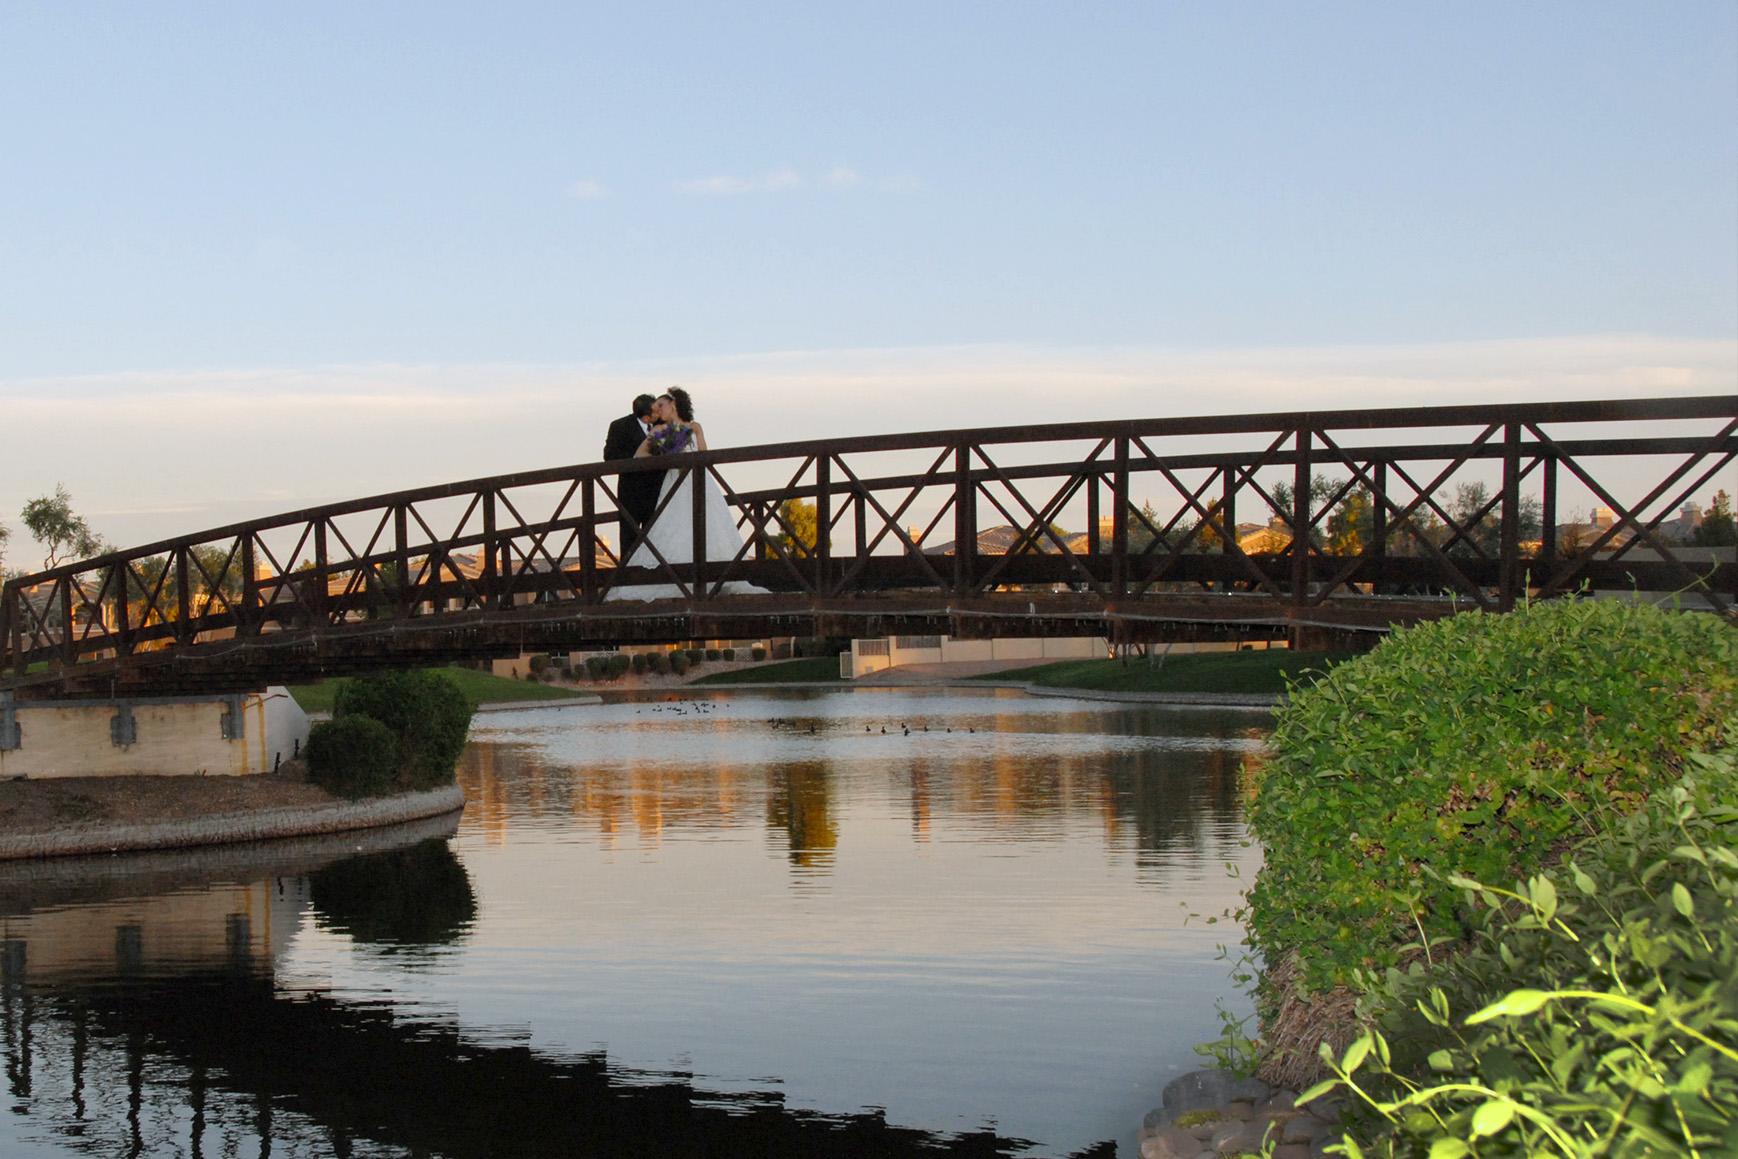 Picturesque bridge - Ocotillo - Chandler, Arizona - Maricopa County - Wedgewood Weddings